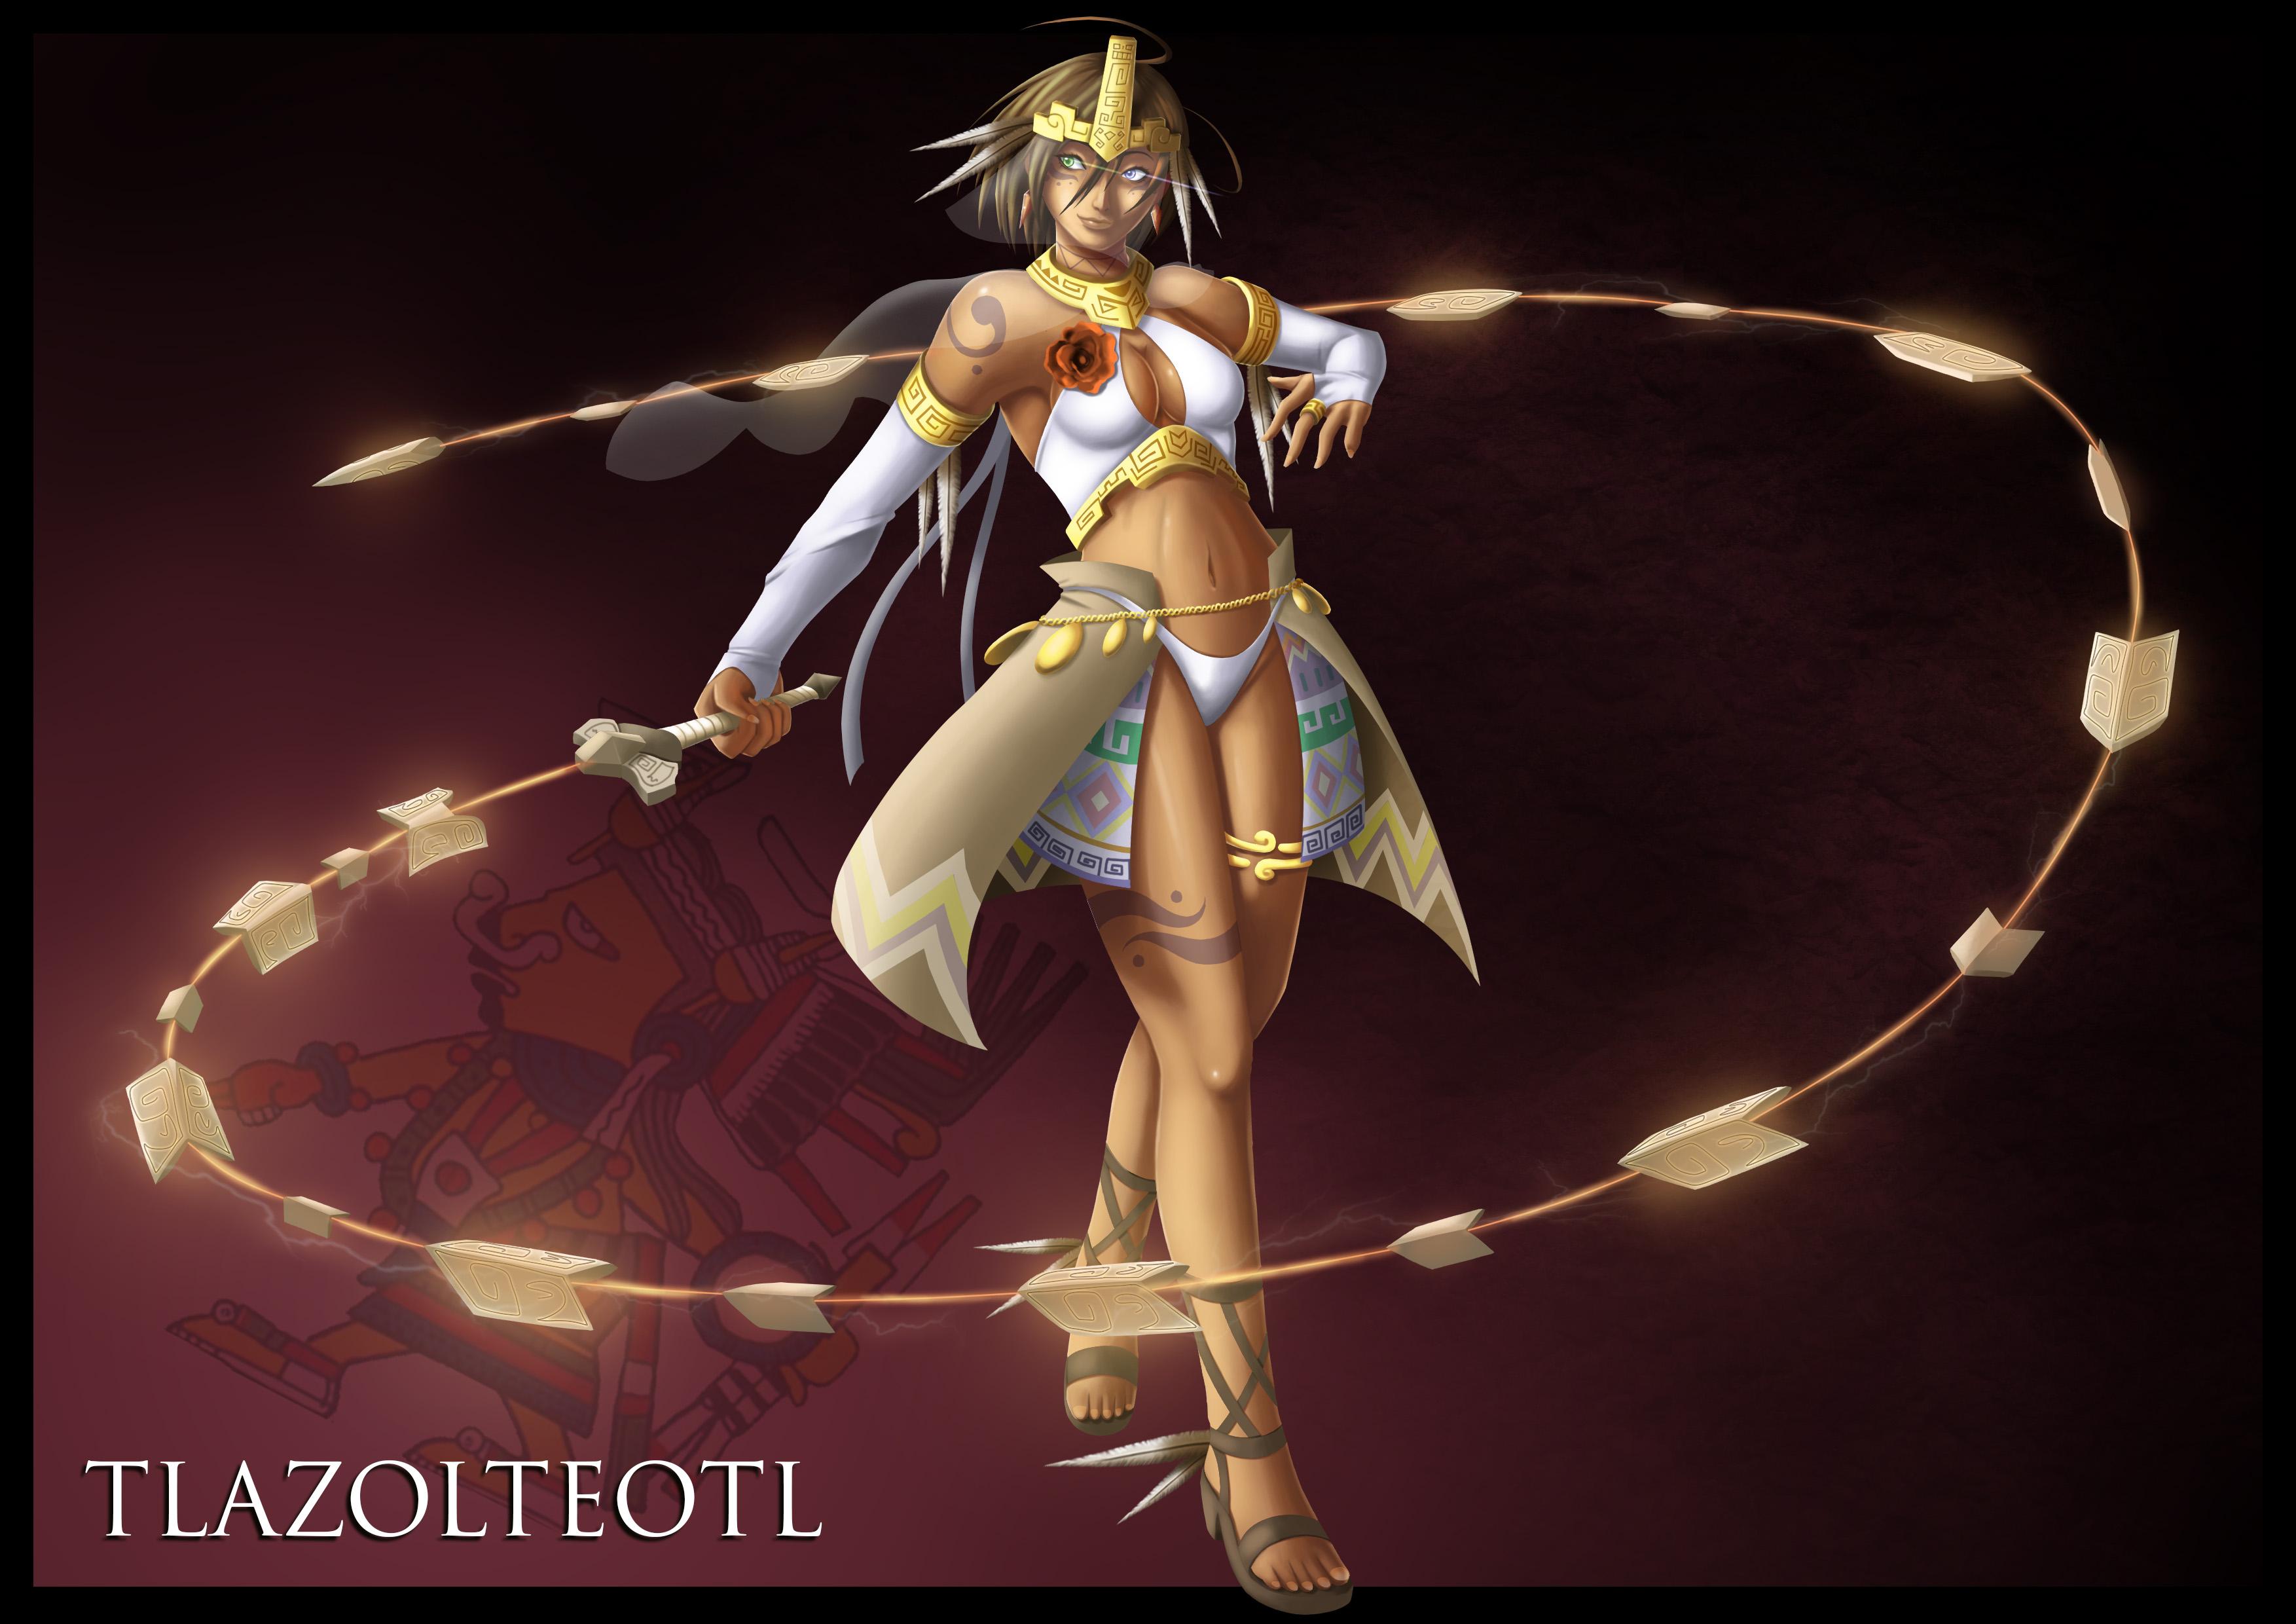 Tlazolteotl